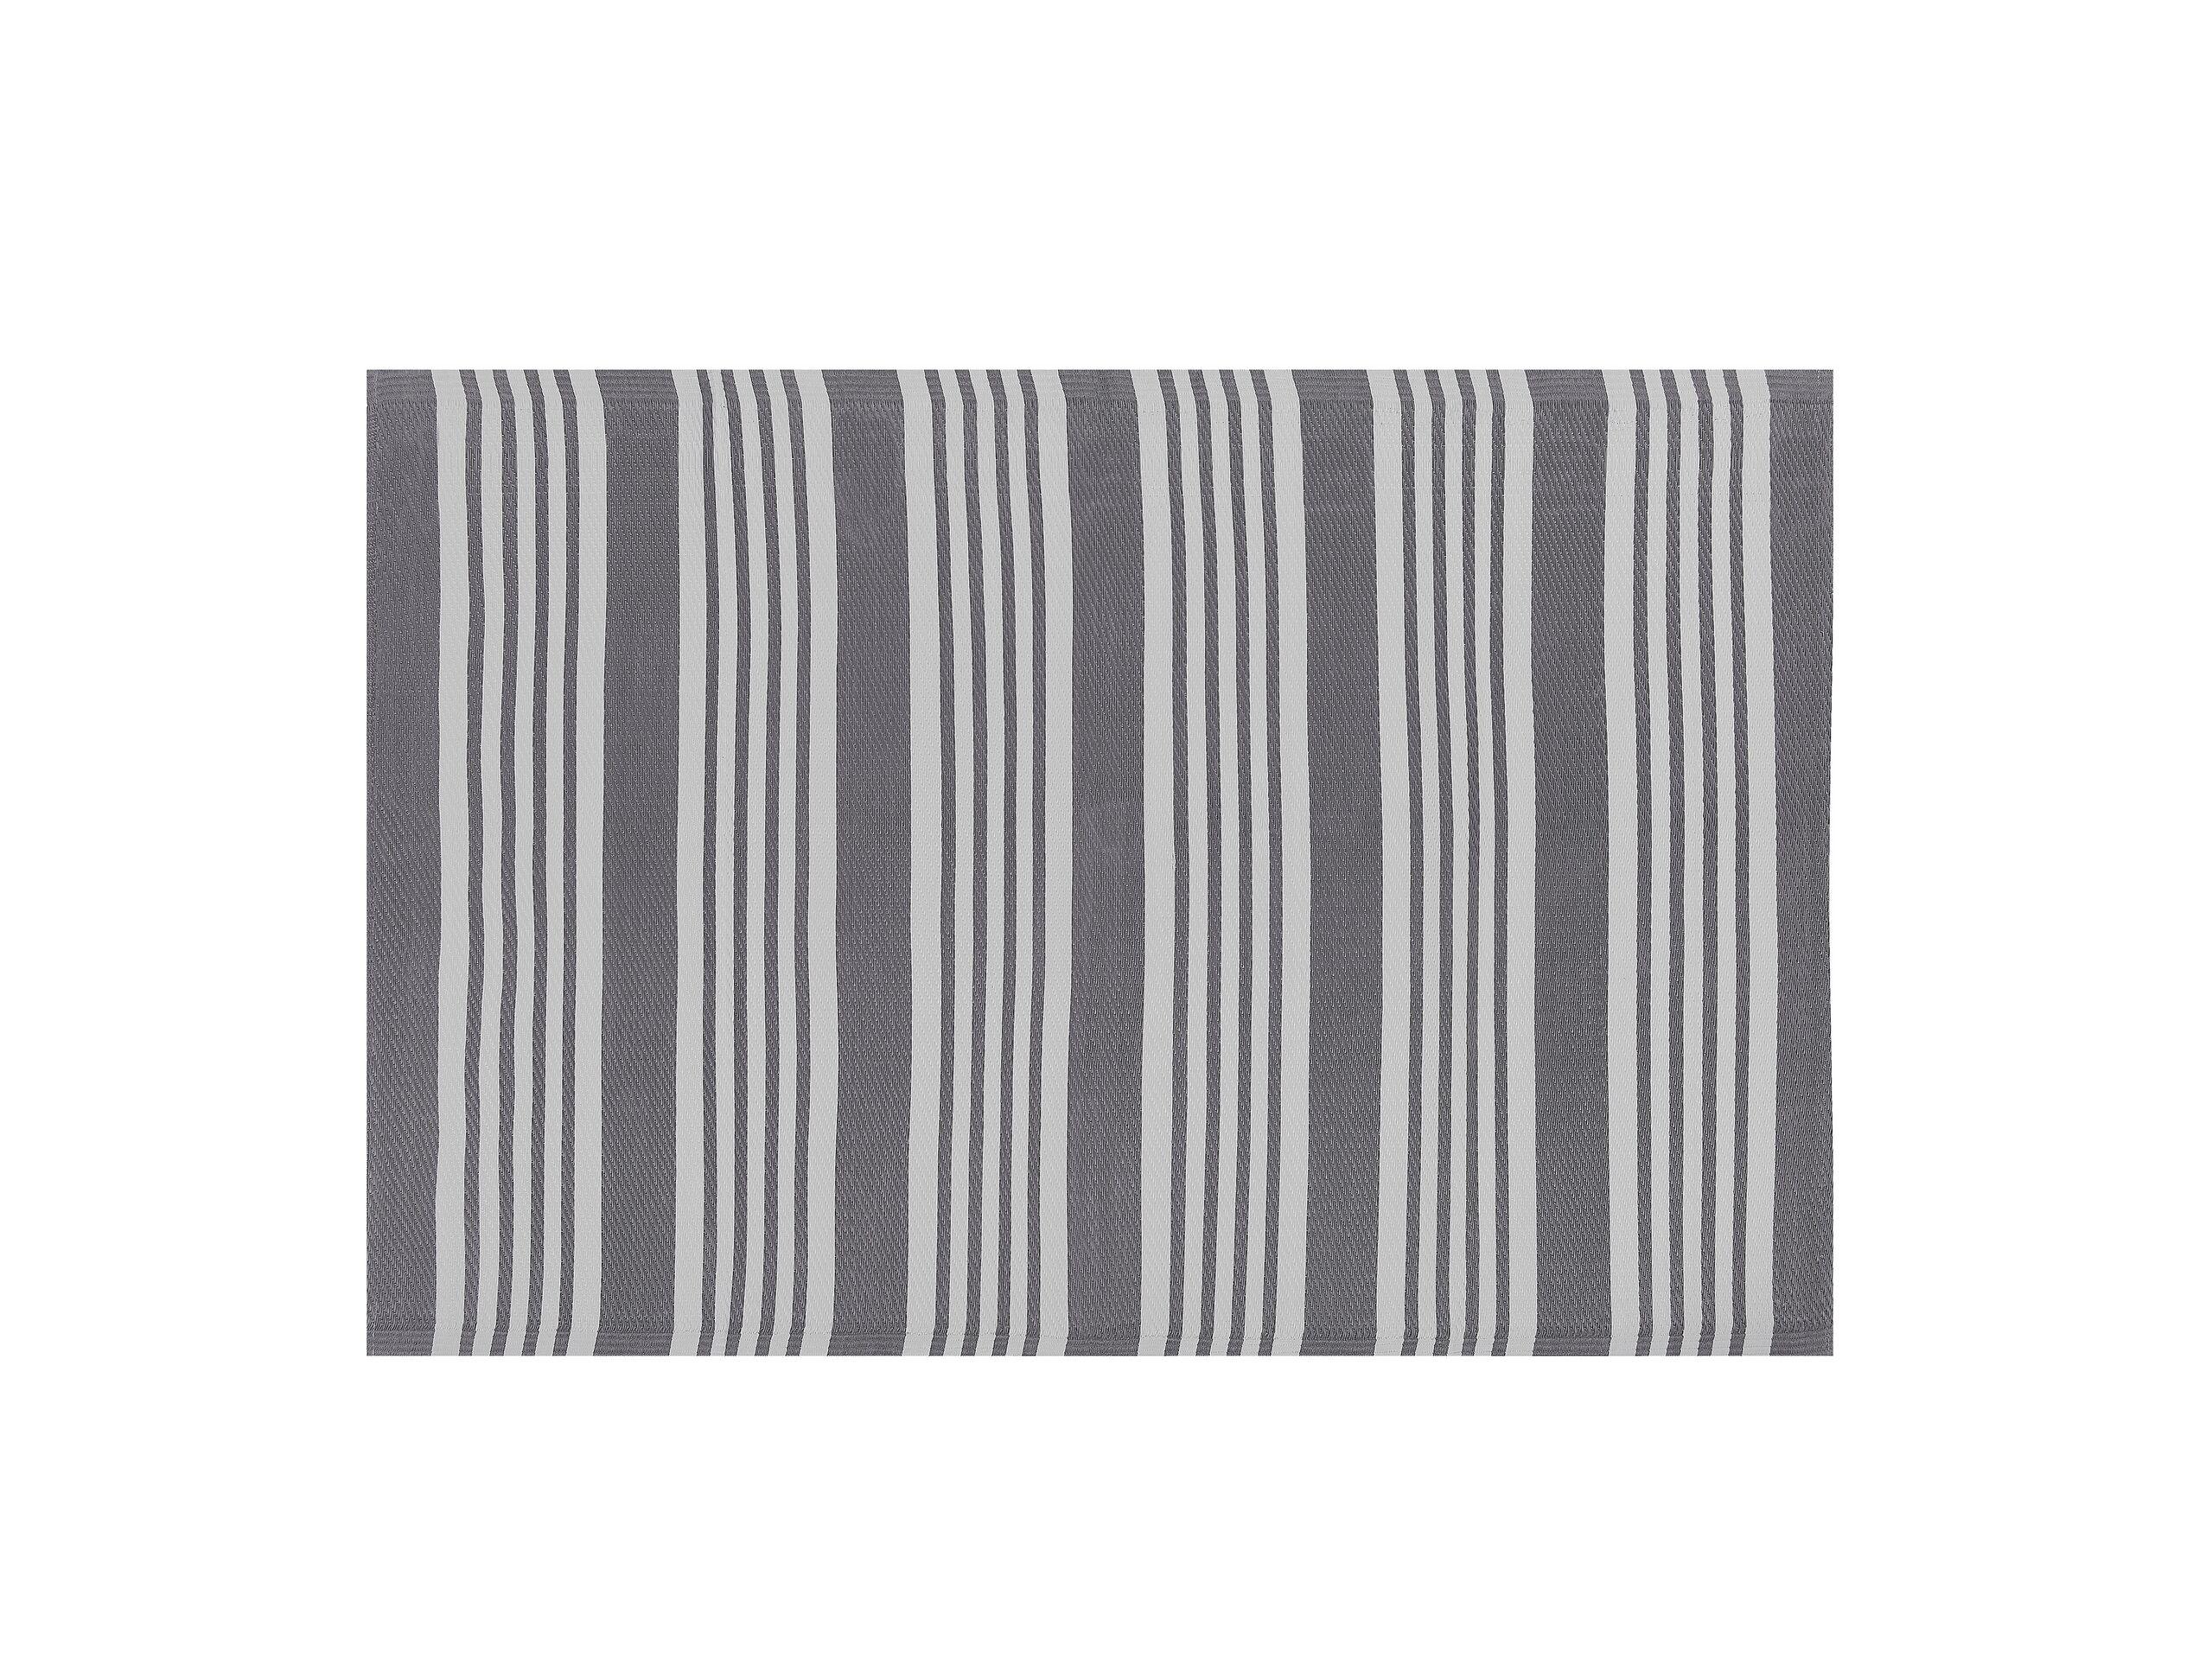 Tapis extérieur à rayures grises 120 x 180 cm